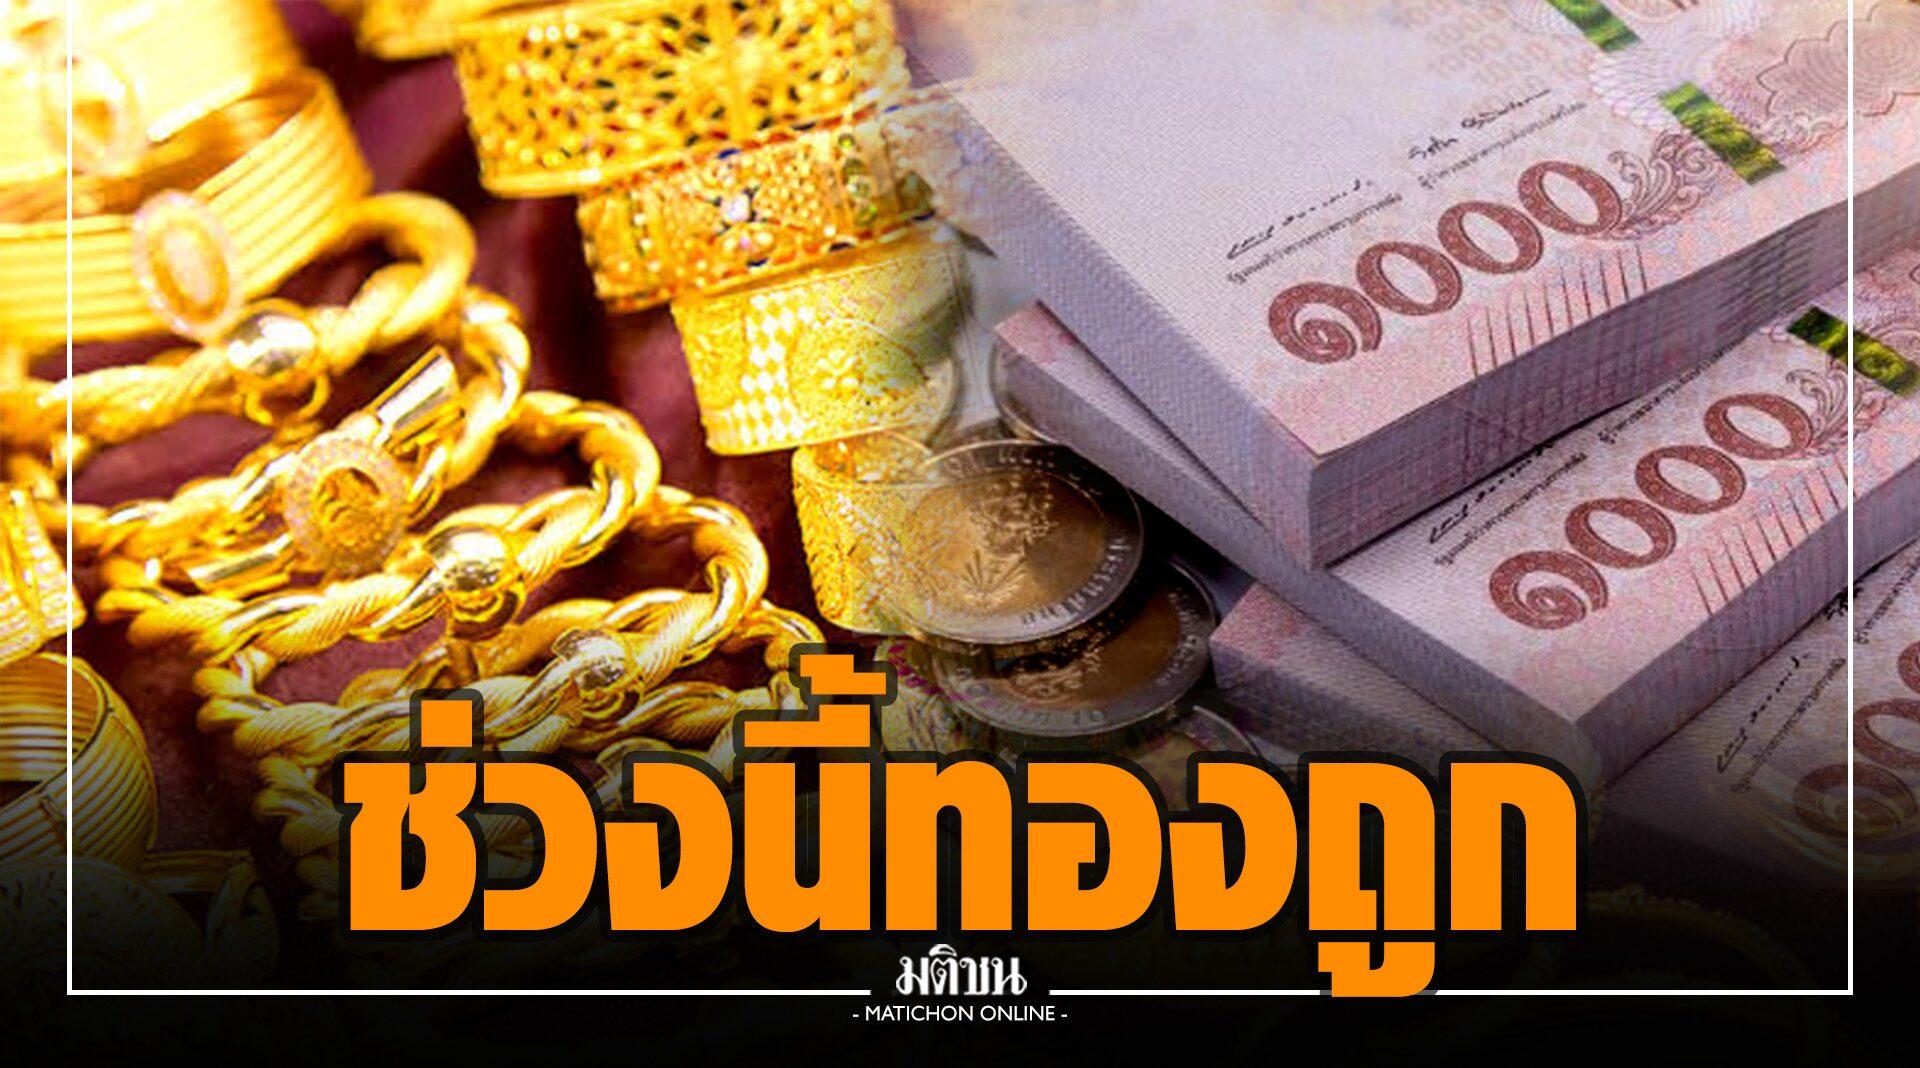 อย่ามัวลังเล รีบโกยทองคำ หลังราคาร่วงหลุด 26,000 บาท อนาคตปรับขึ้นแน่